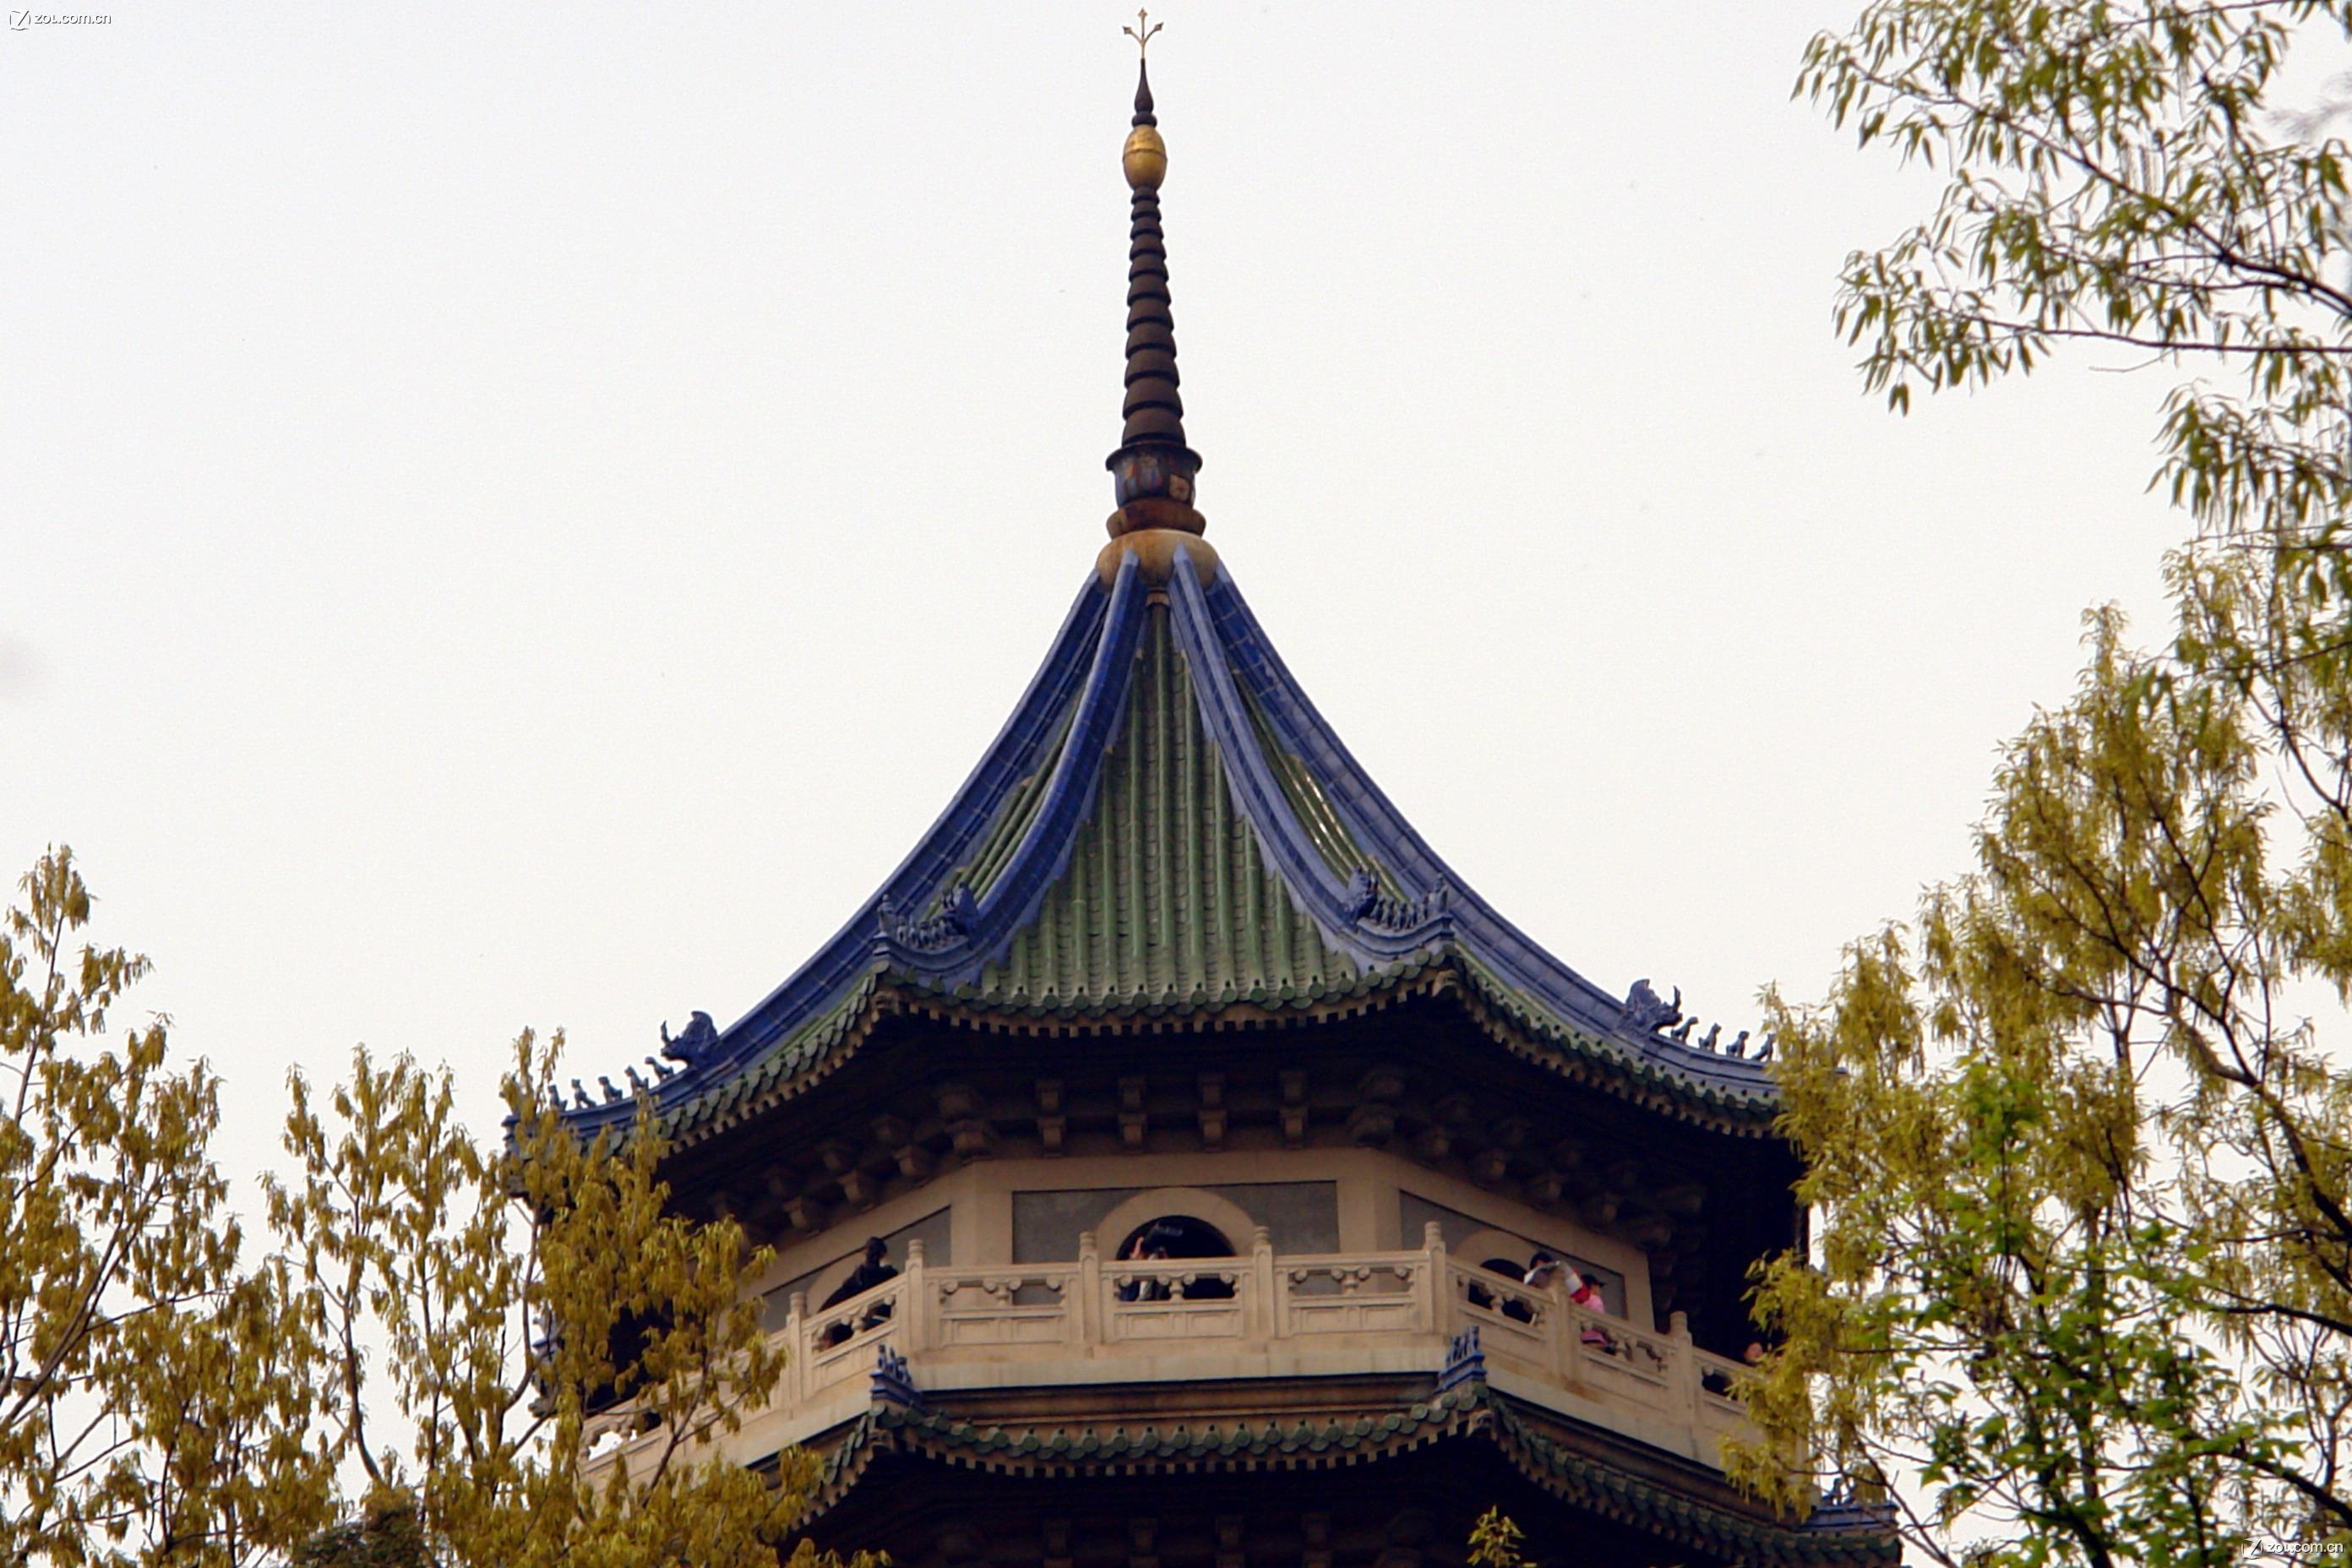 【灵谷寺,灵谷塔】自然风景--zol中关村在线